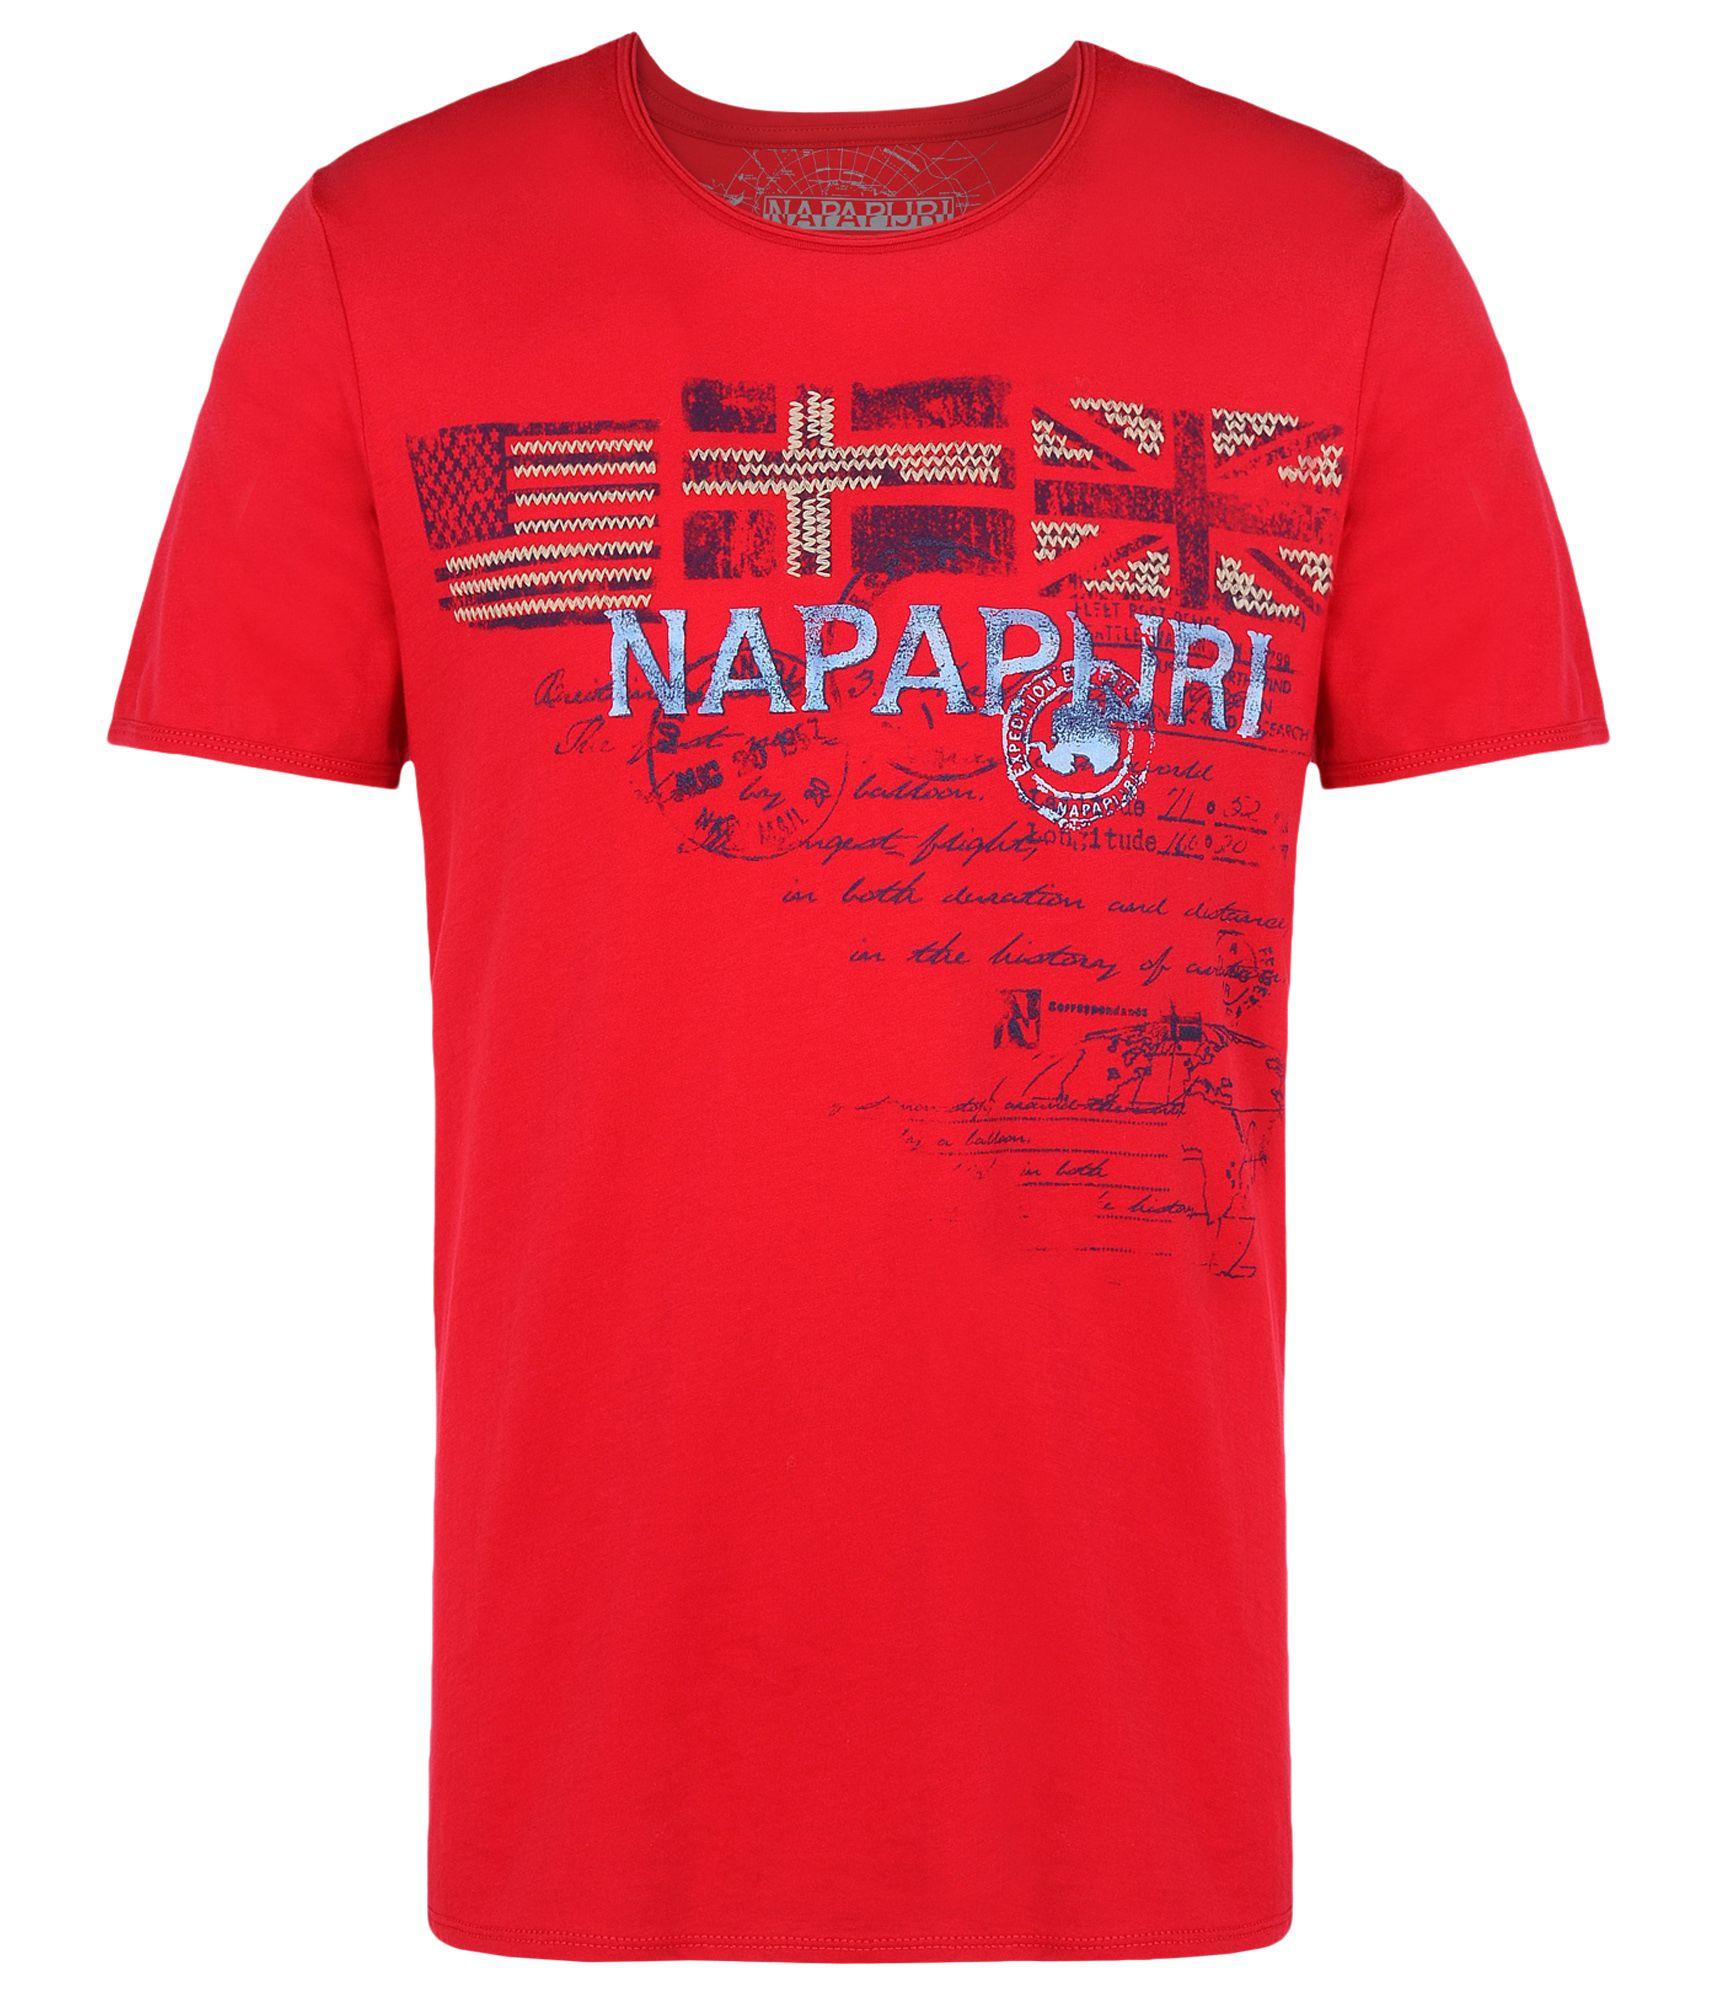 napapijri short sleeve t shirt in red for men lyst. Black Bedroom Furniture Sets. Home Design Ideas